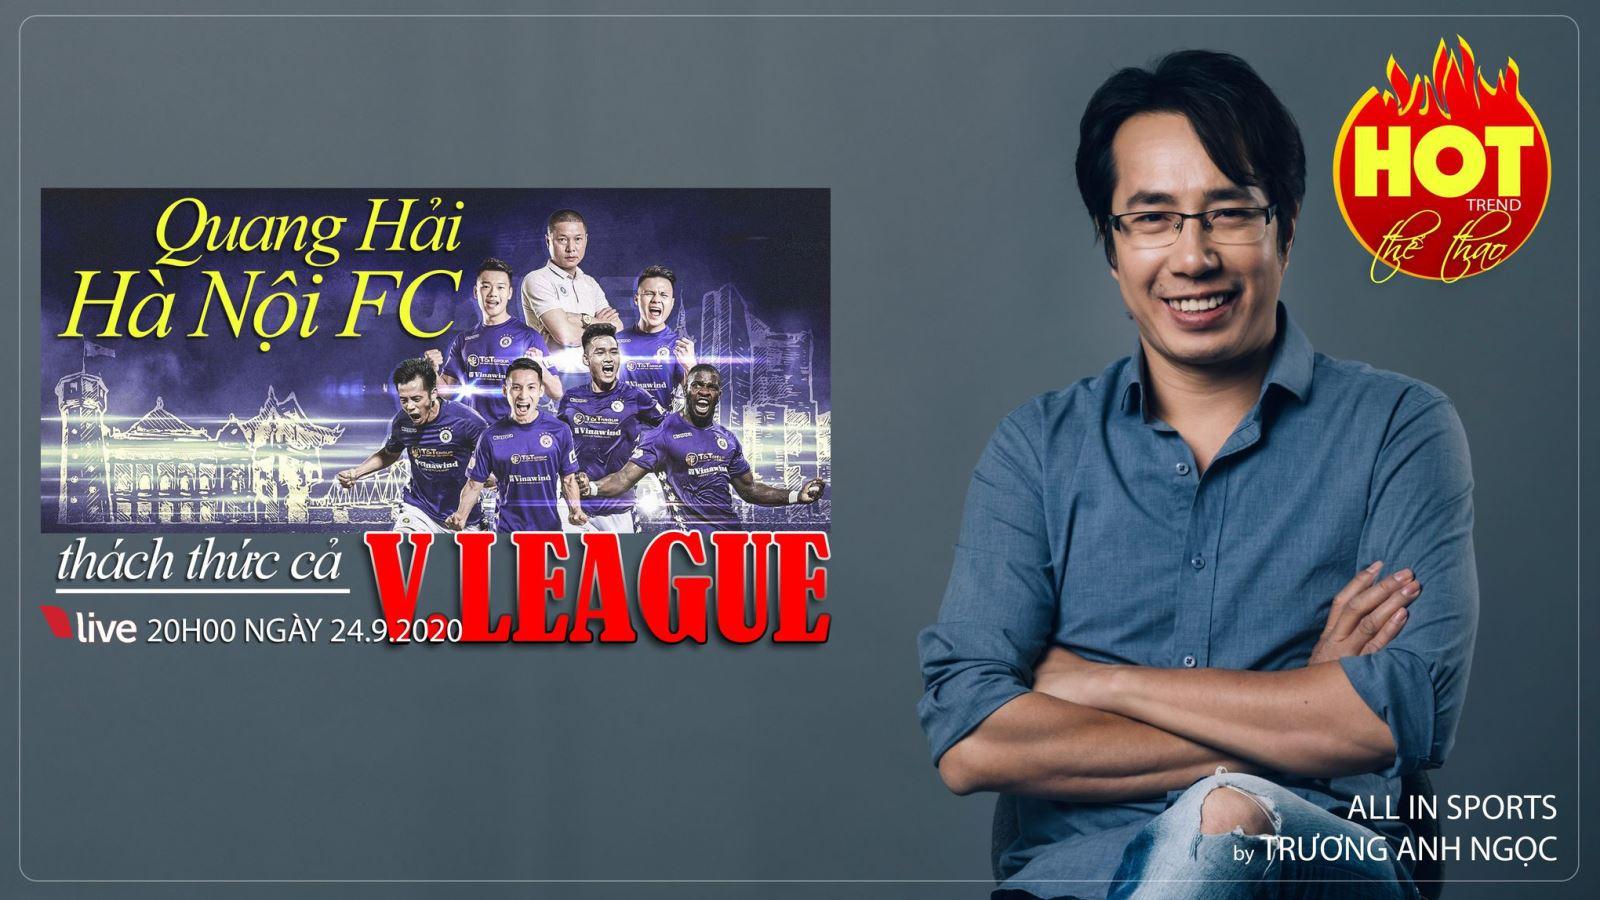 Quang Hải và Hà Nội FC thách thức cả V-League 2020